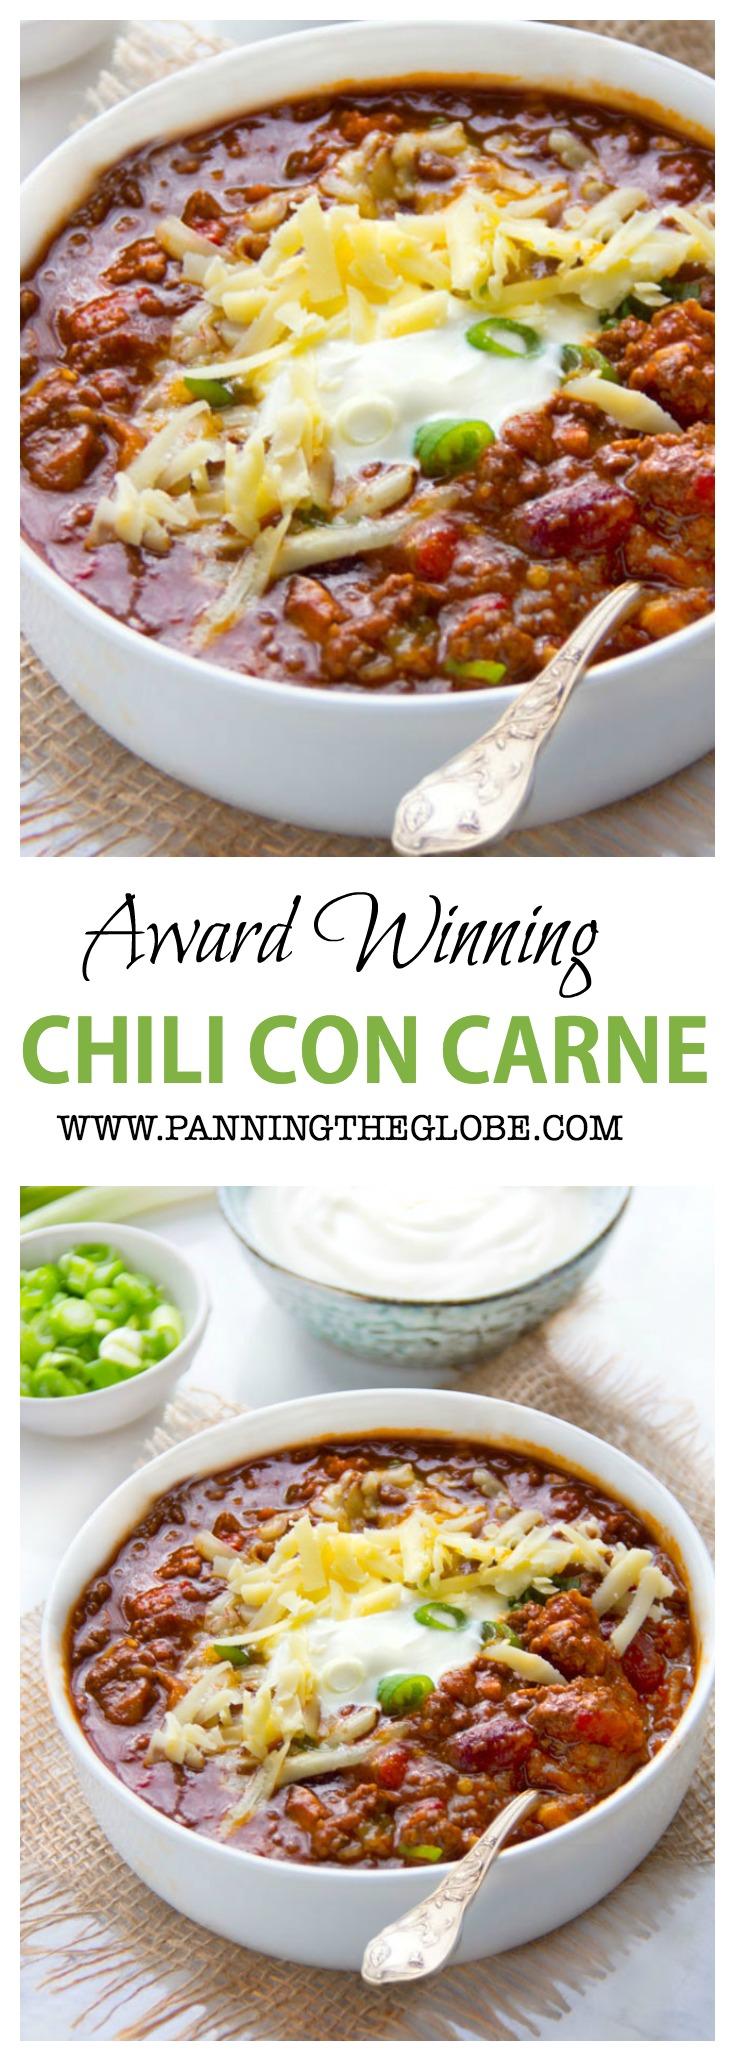 Eddie S Award Winning Chili Recipe Panning The Globe Recipe Winning Chili Recipes Award Winning Chili Recipe Award Winning Chili